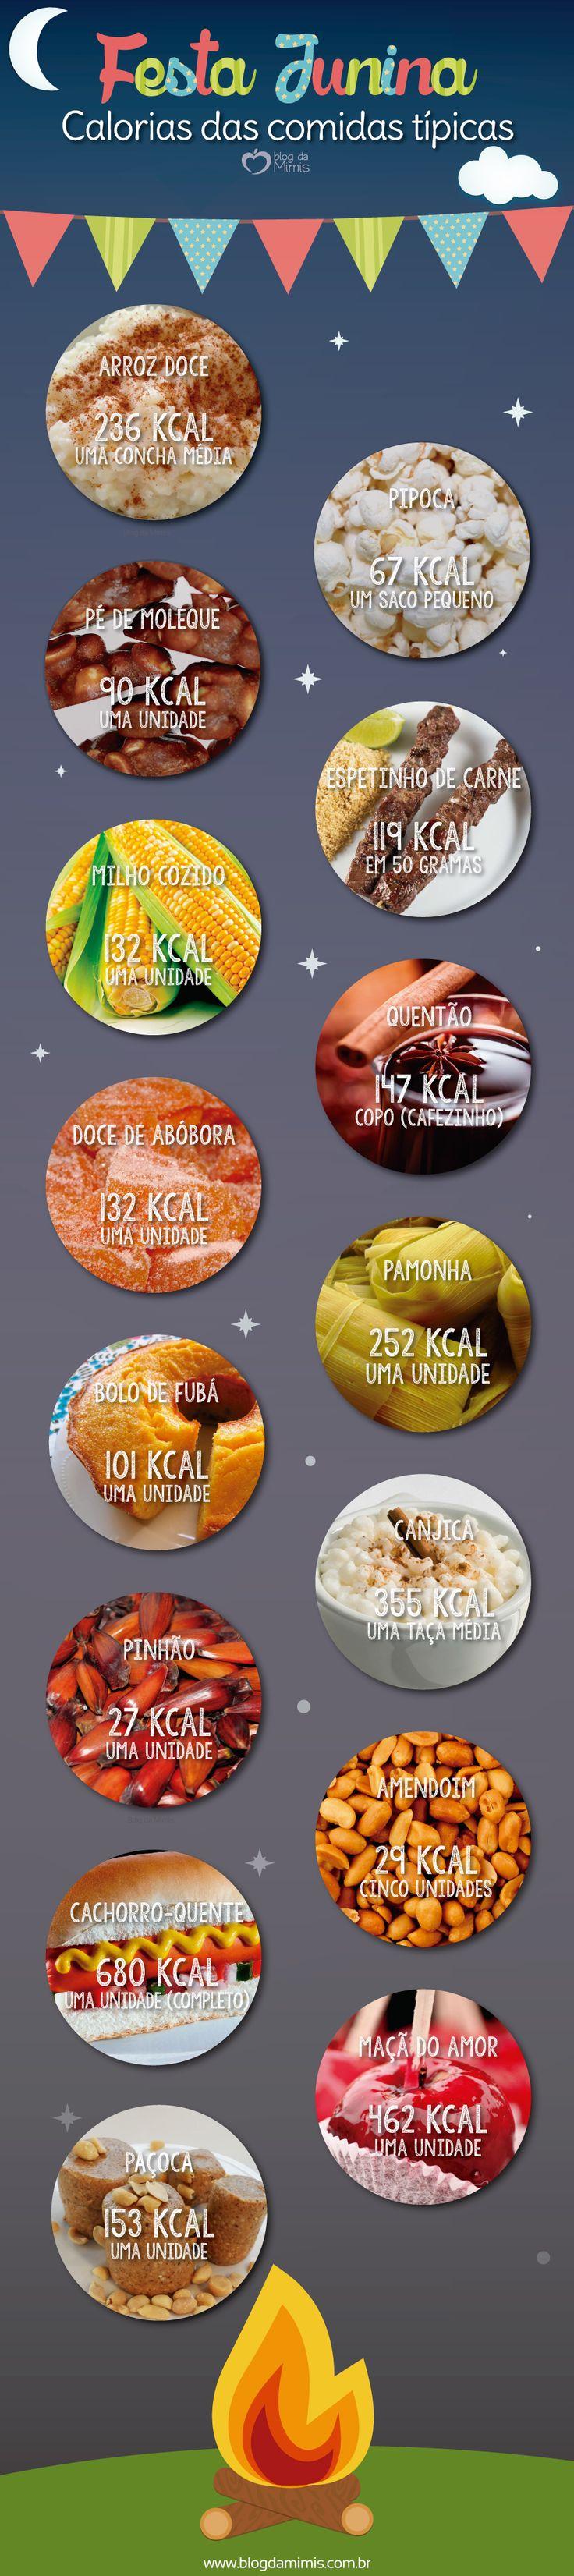 Festa junina magrinha: dicas para aproveitar e manter a dieta Blog da Mimis